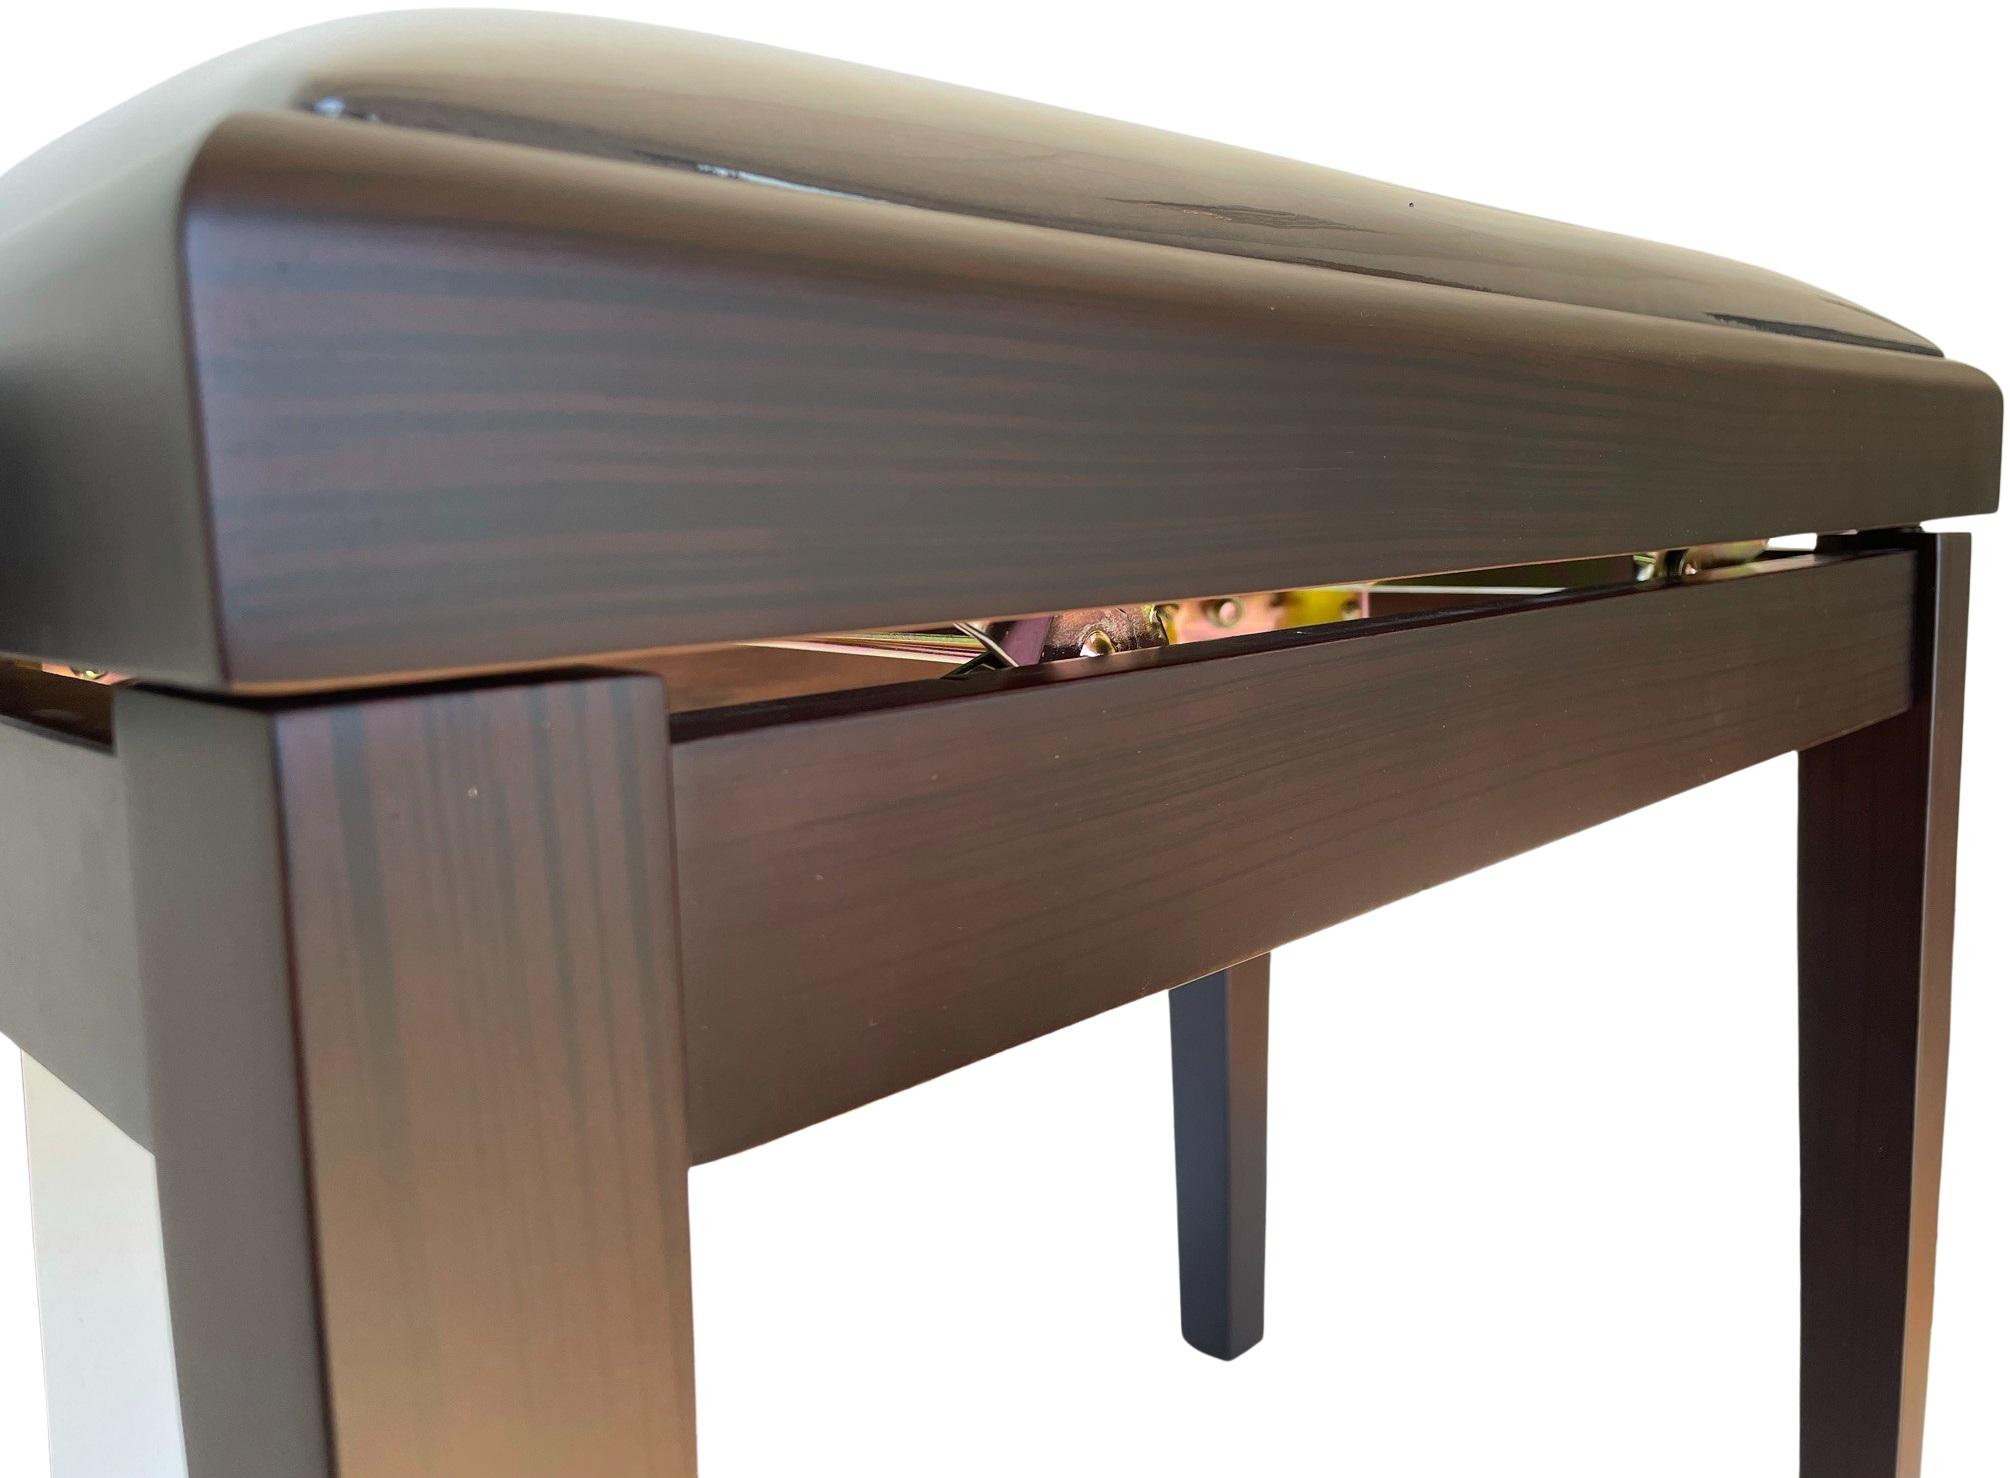 EXTREME PB100RW ROSEWOOD PIANO BENCH PANCHETTA PER PIANOFORTE IN LEGNO FINITURA PALISSANDRO 4